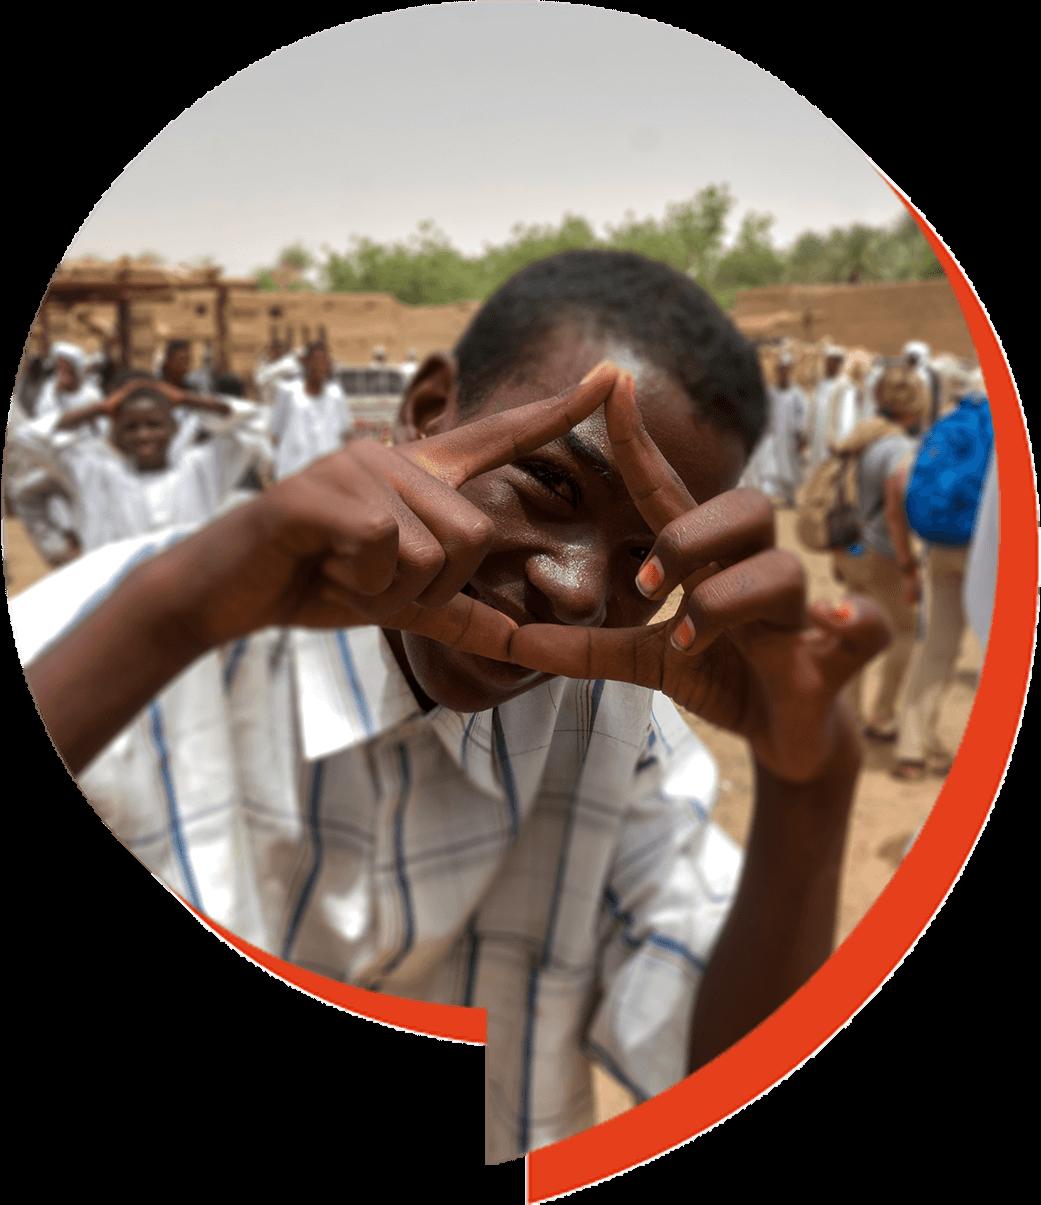 Mercado en Tanqasy en Sudan